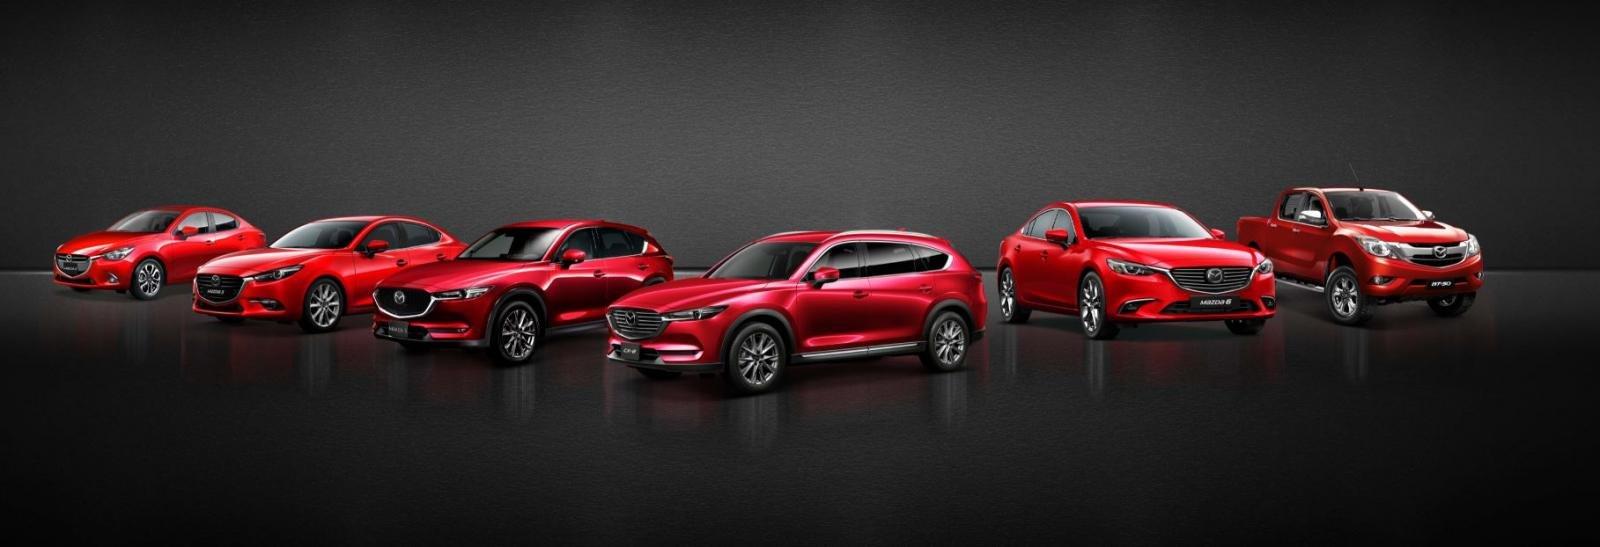 Mazda khuyến mại tháng 8/2019: Mazda CX-5 giảm 100 triệu đồng a1